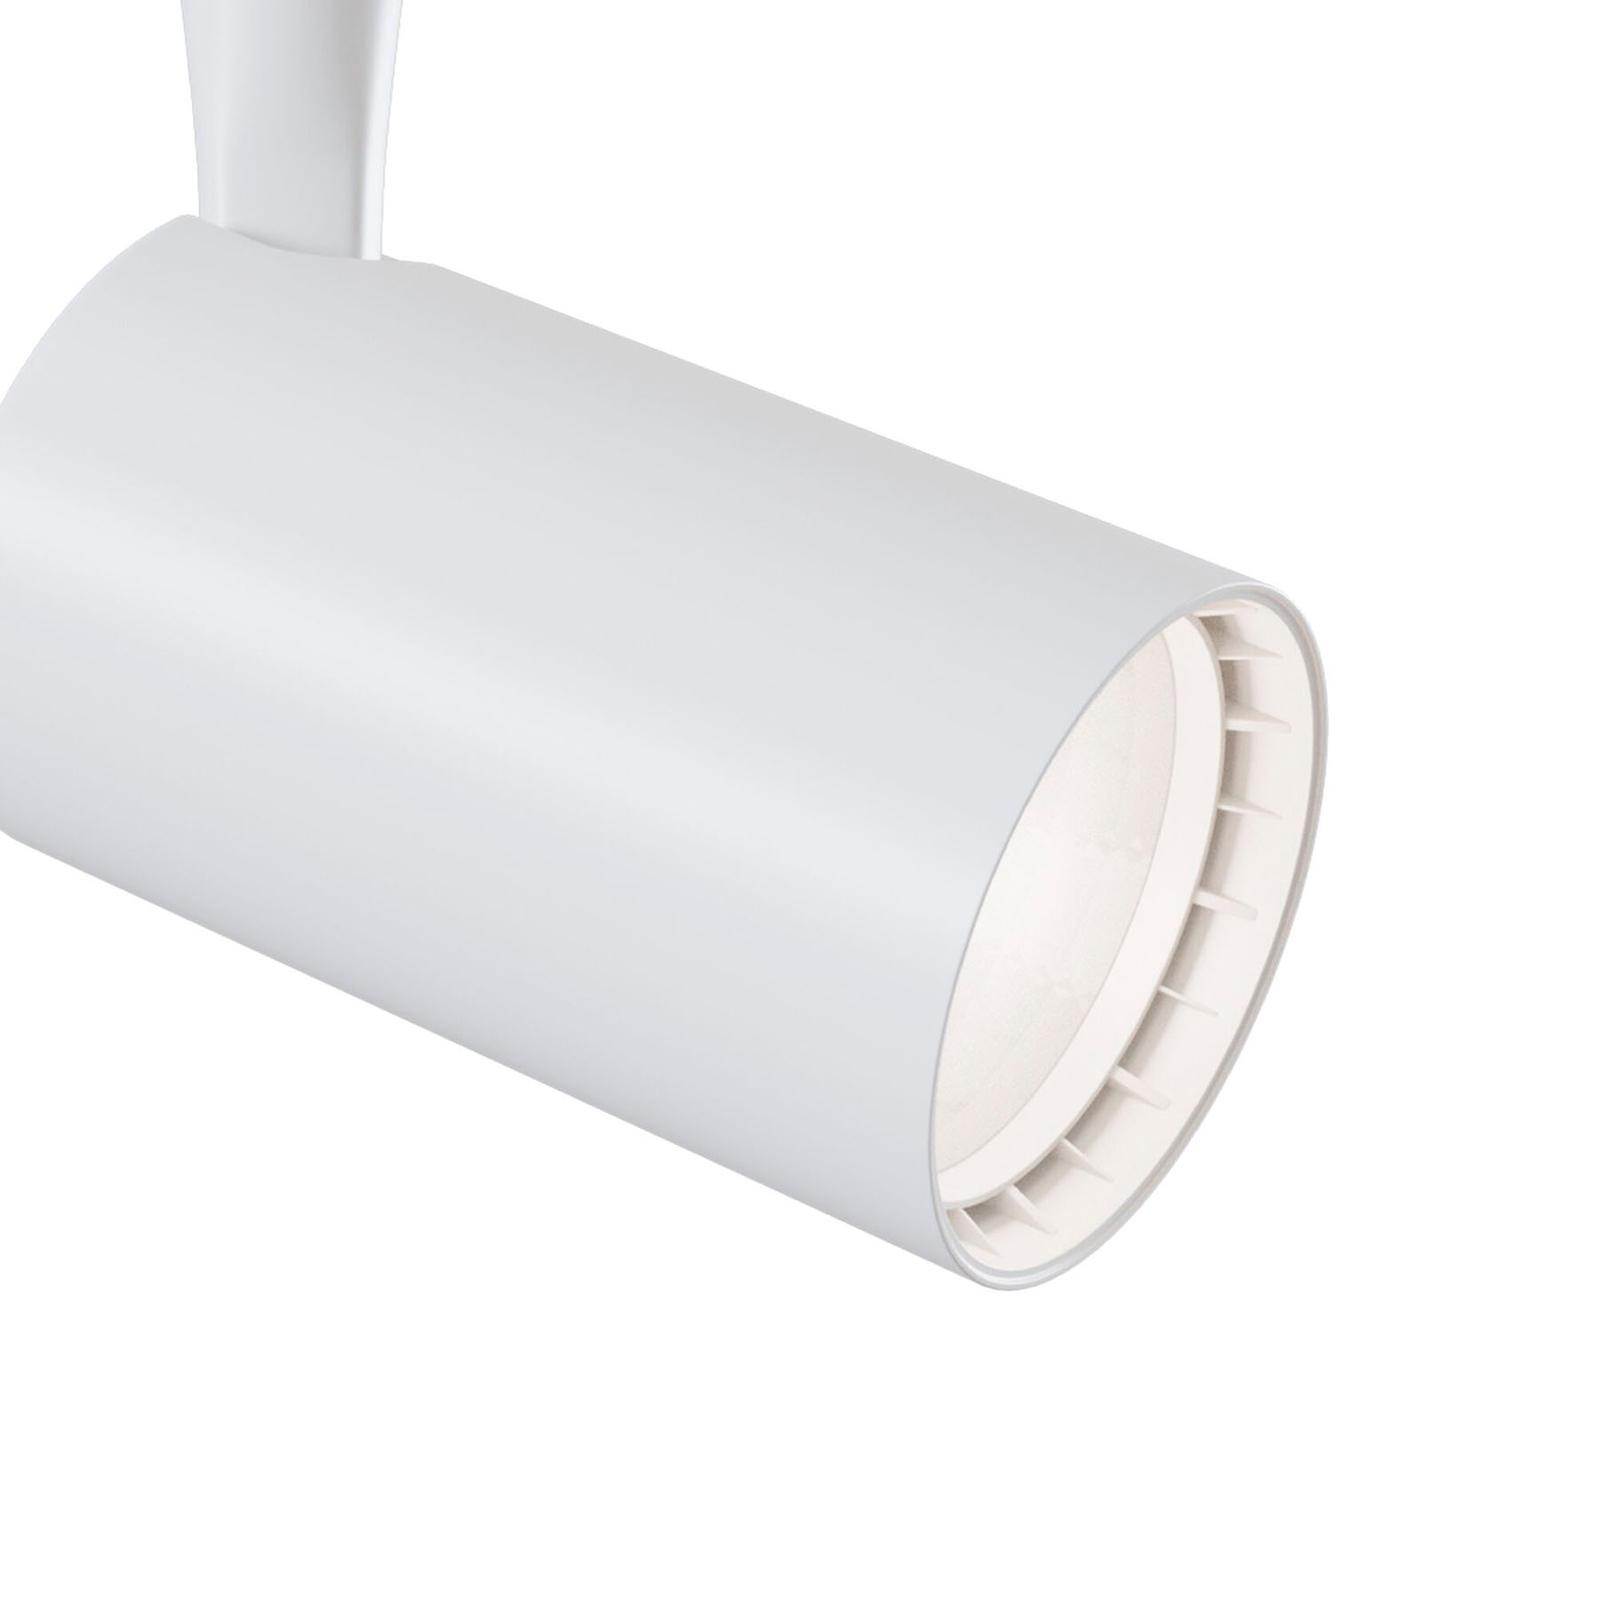 1-Phasen-Strahler Track LED 3000K 6W, weiß